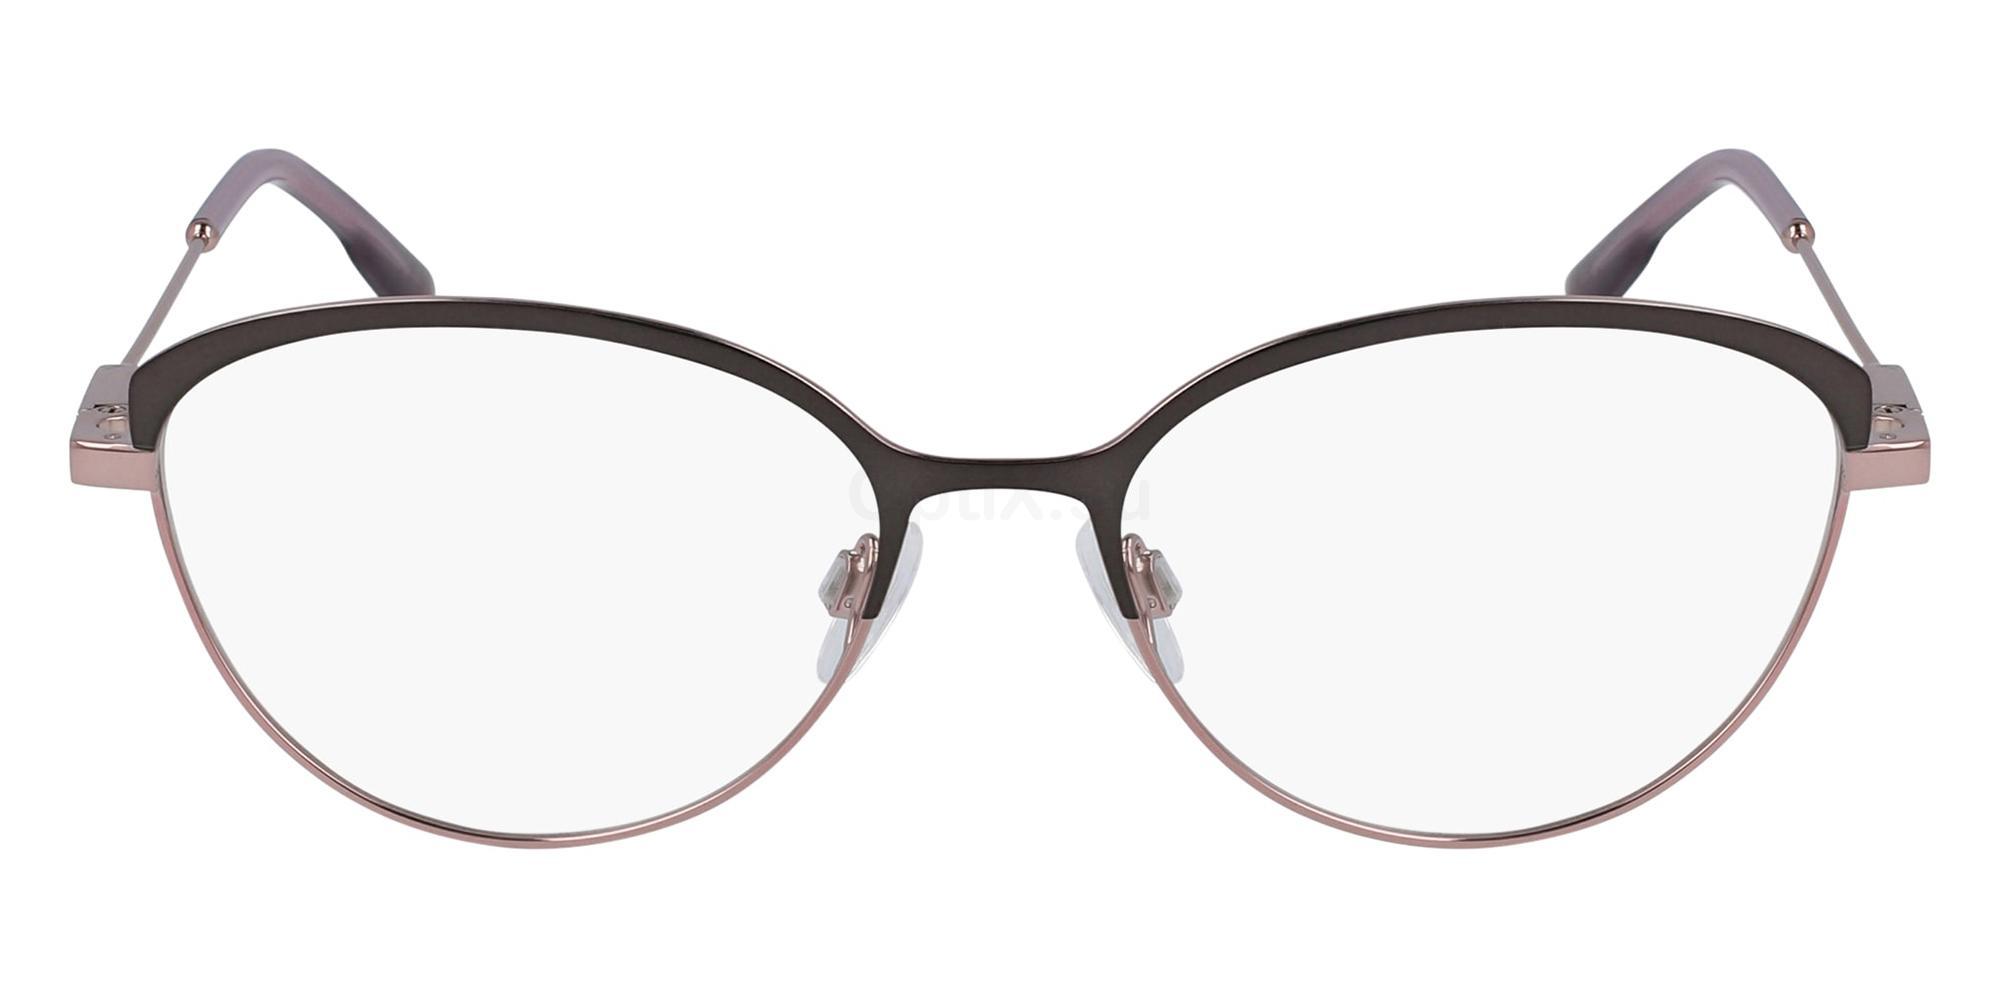 024 SK2117 LJUVLIG Glasses, Skaga